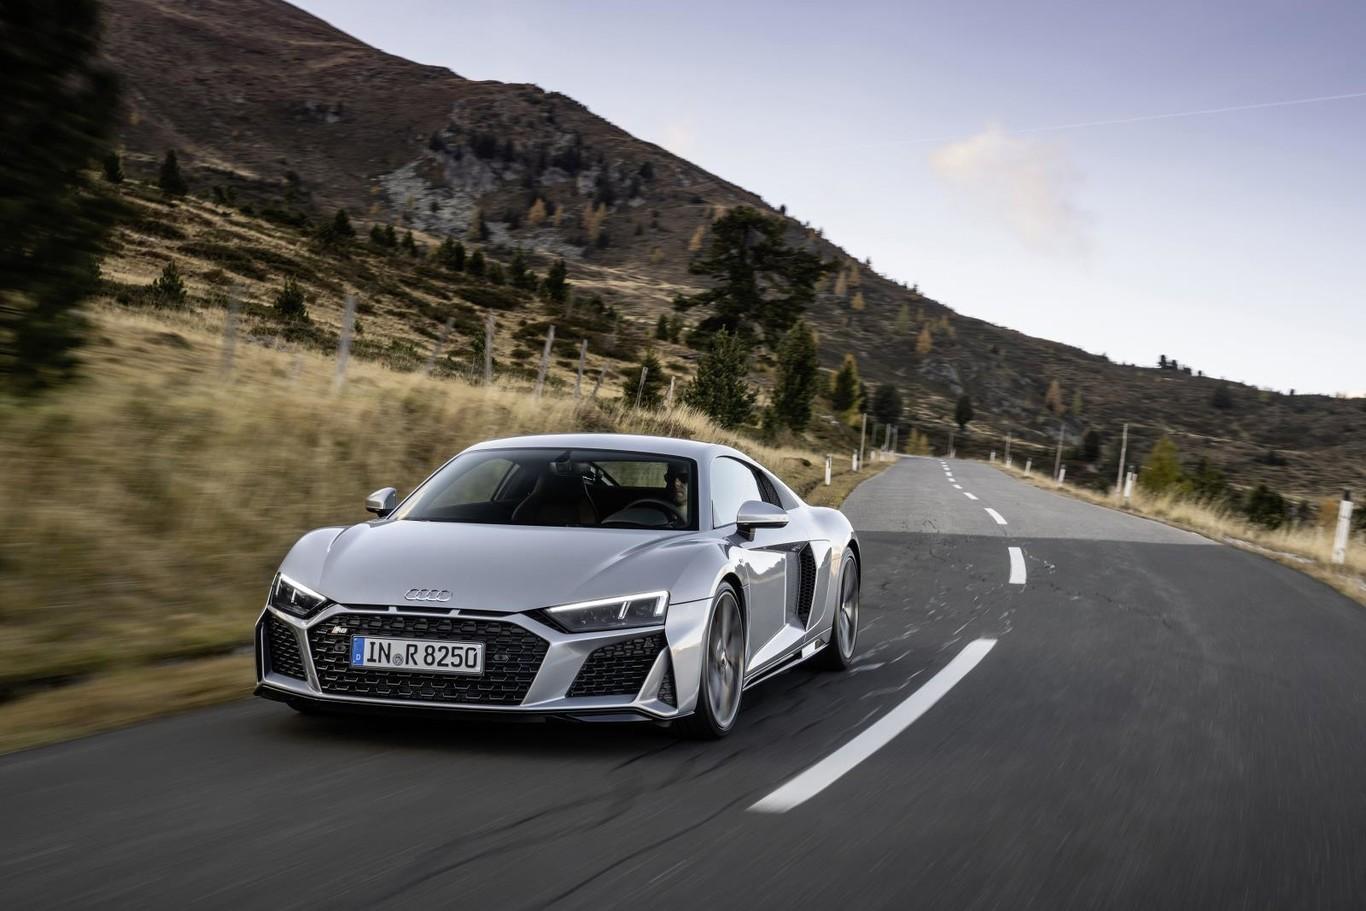 Viva La Traccion Trasera El Audi R8 V10 Rws Estara A La Venta En 2020 Con 540 Cv Y Un Precio Desde 167 790 Euros